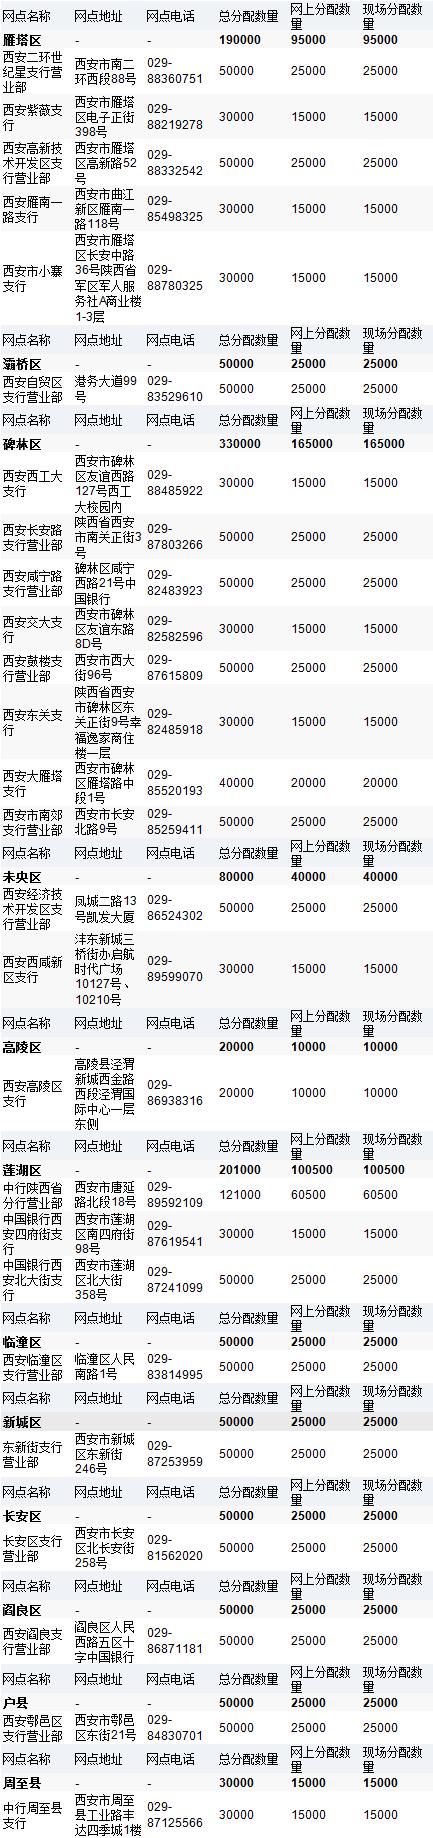 西安2018人民币70周年纪念钞预约网点(地址+电话)